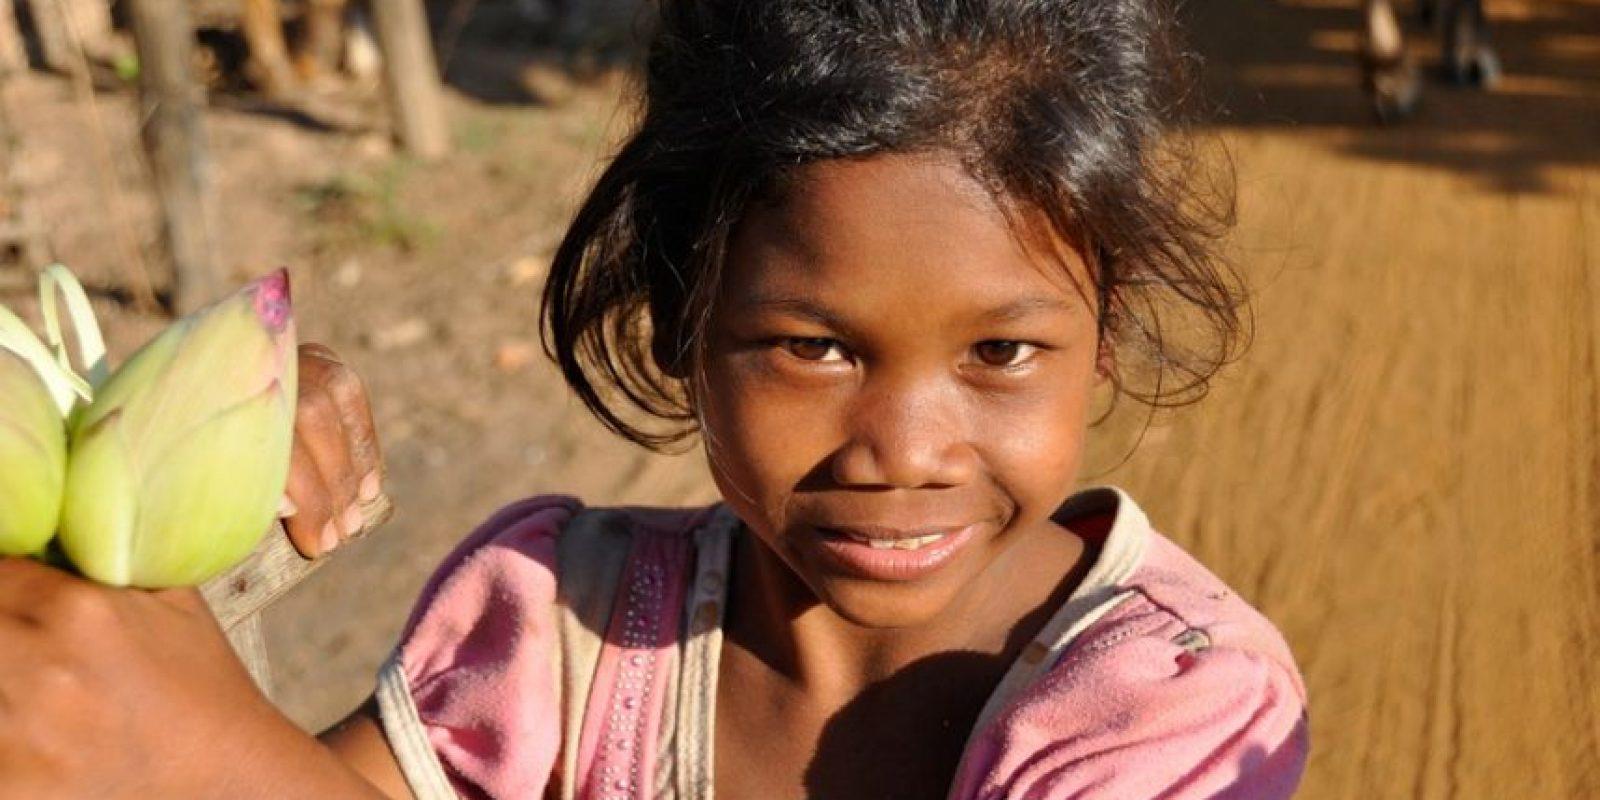 En 2012, 95 mil niños y adolescentes menores de 20 años fueron asesinados en todo el mundo Foto:Pixabay